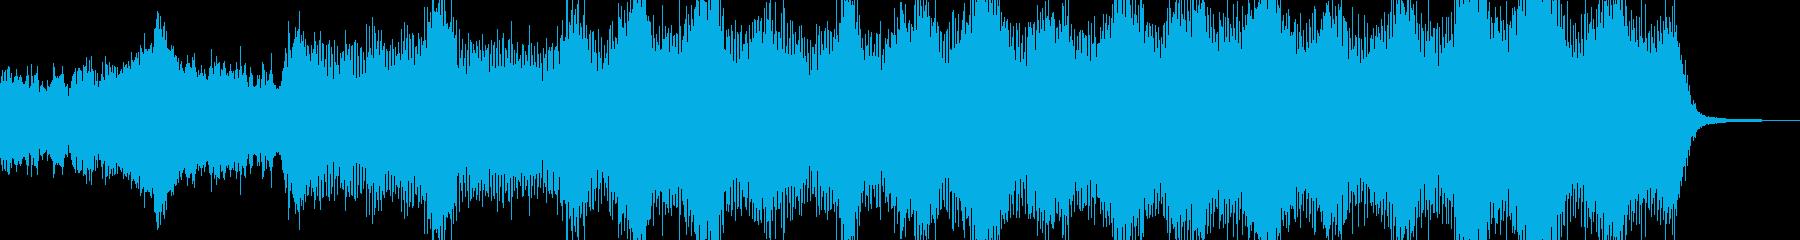 アンデッド・血生臭いホラーを演出 Bの再生済みの波形